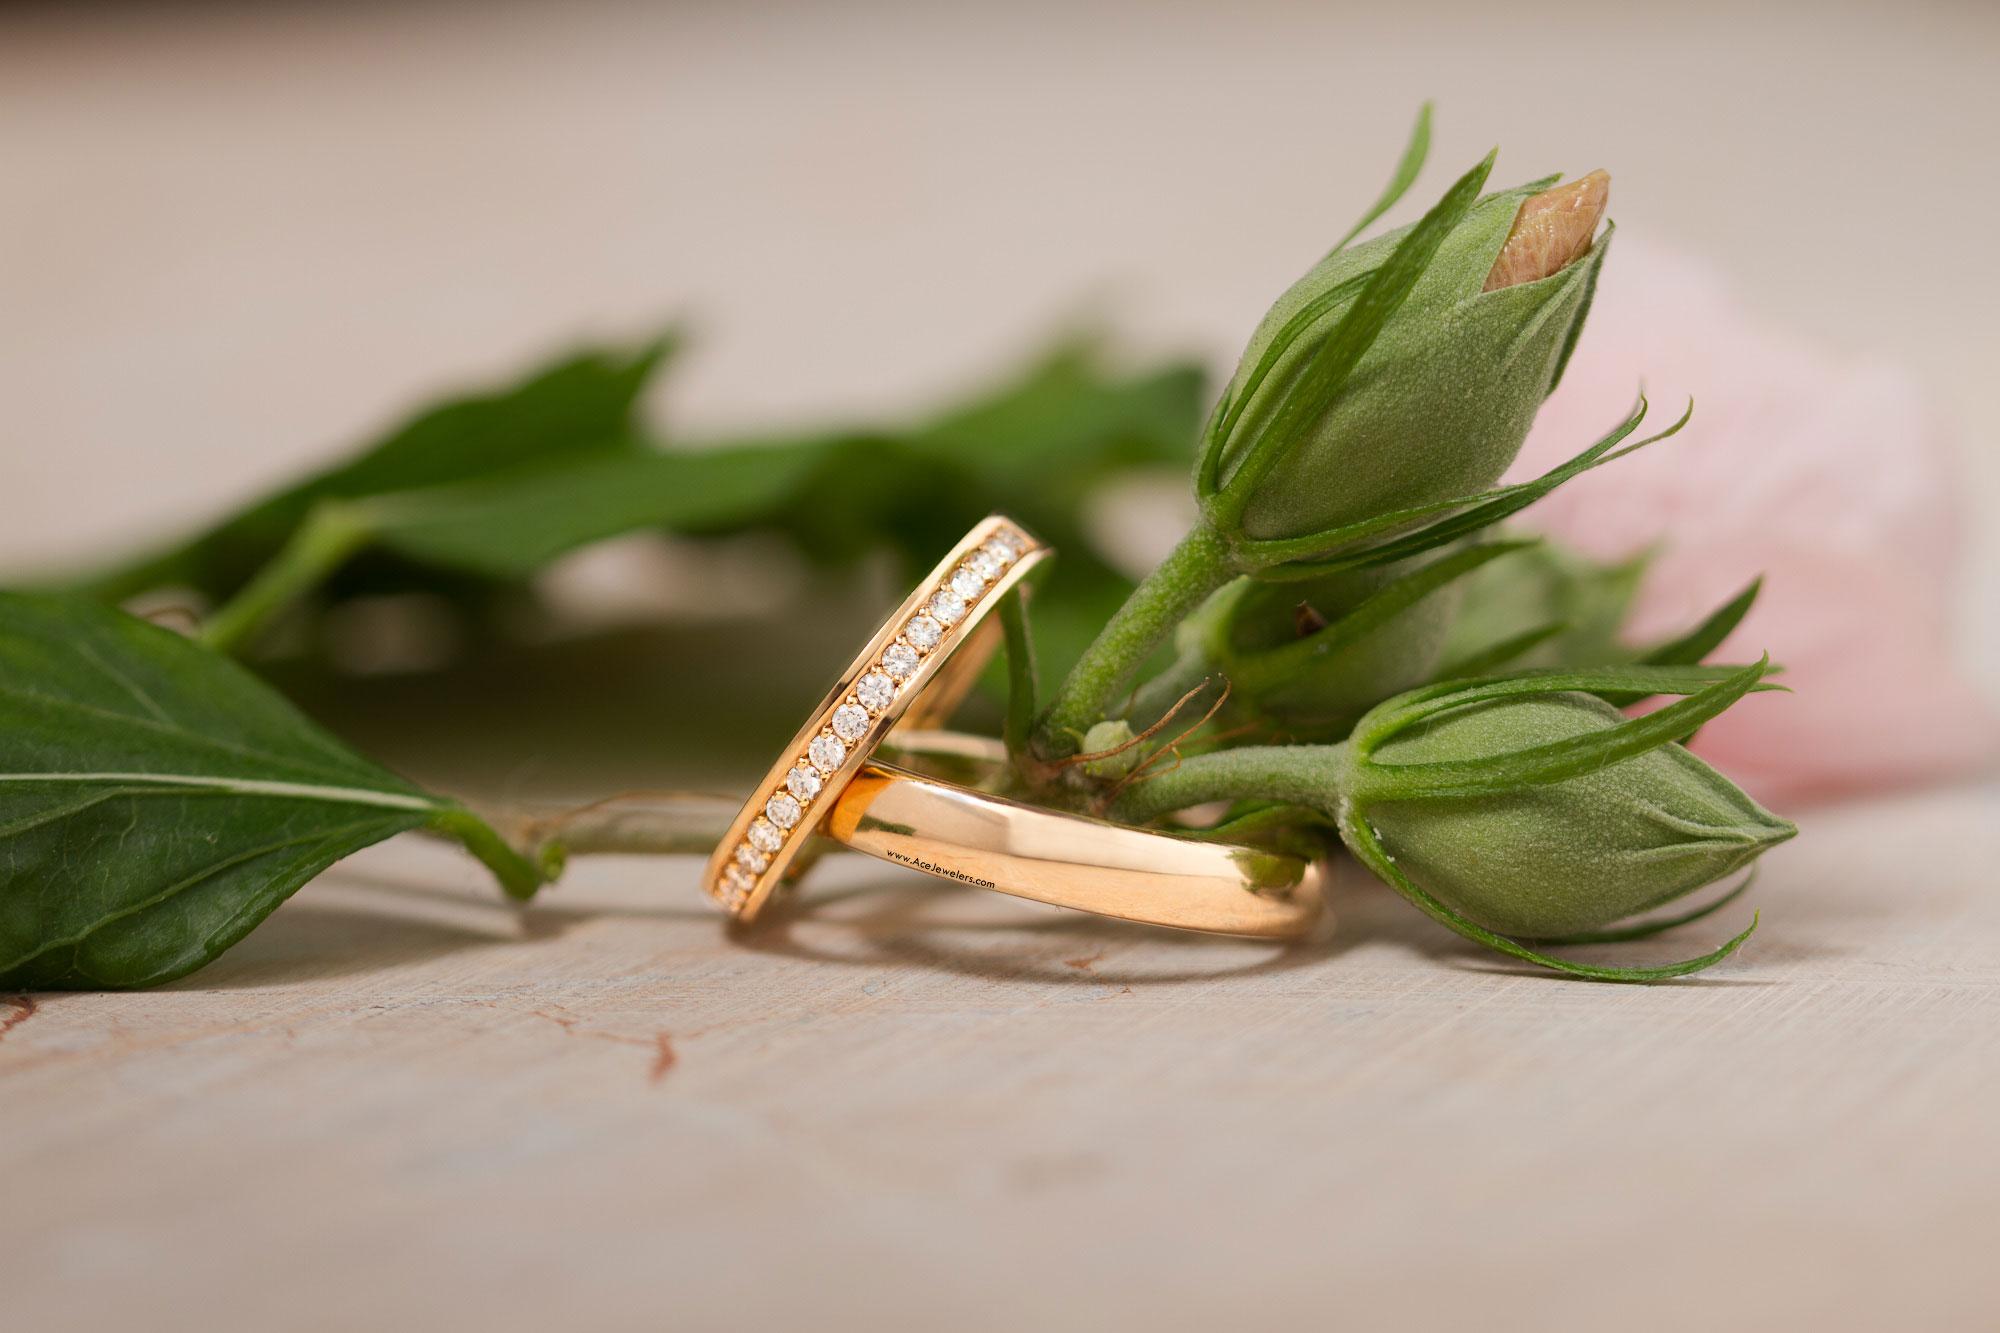 weddings-rings-4